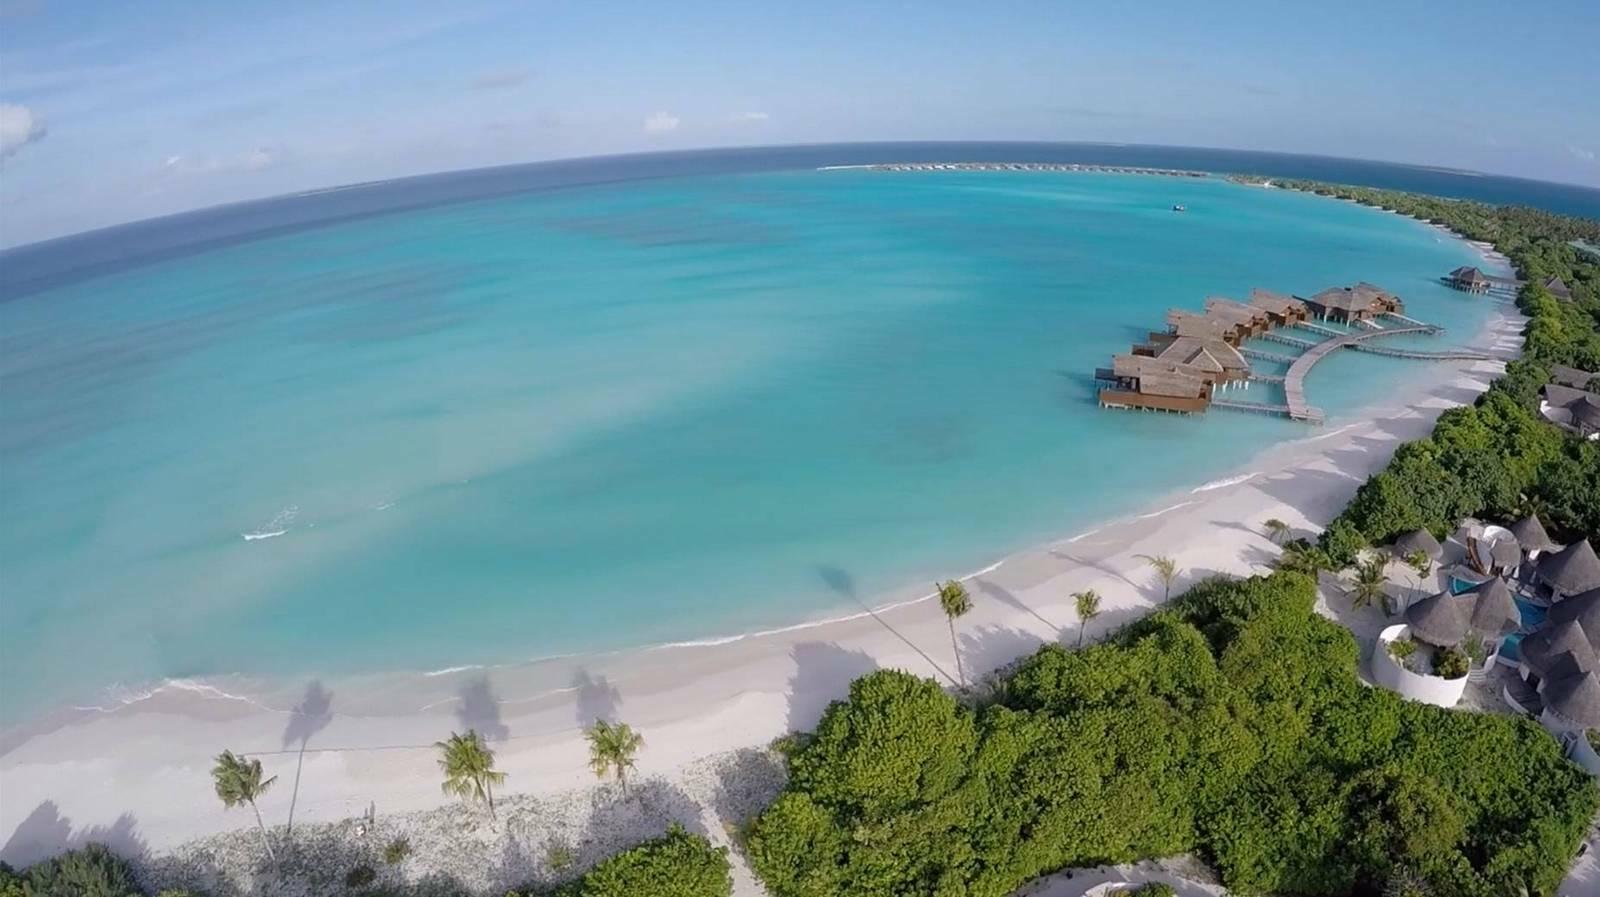 Мальдивы, отель Hideaway Beach Resort & Spa, пляж